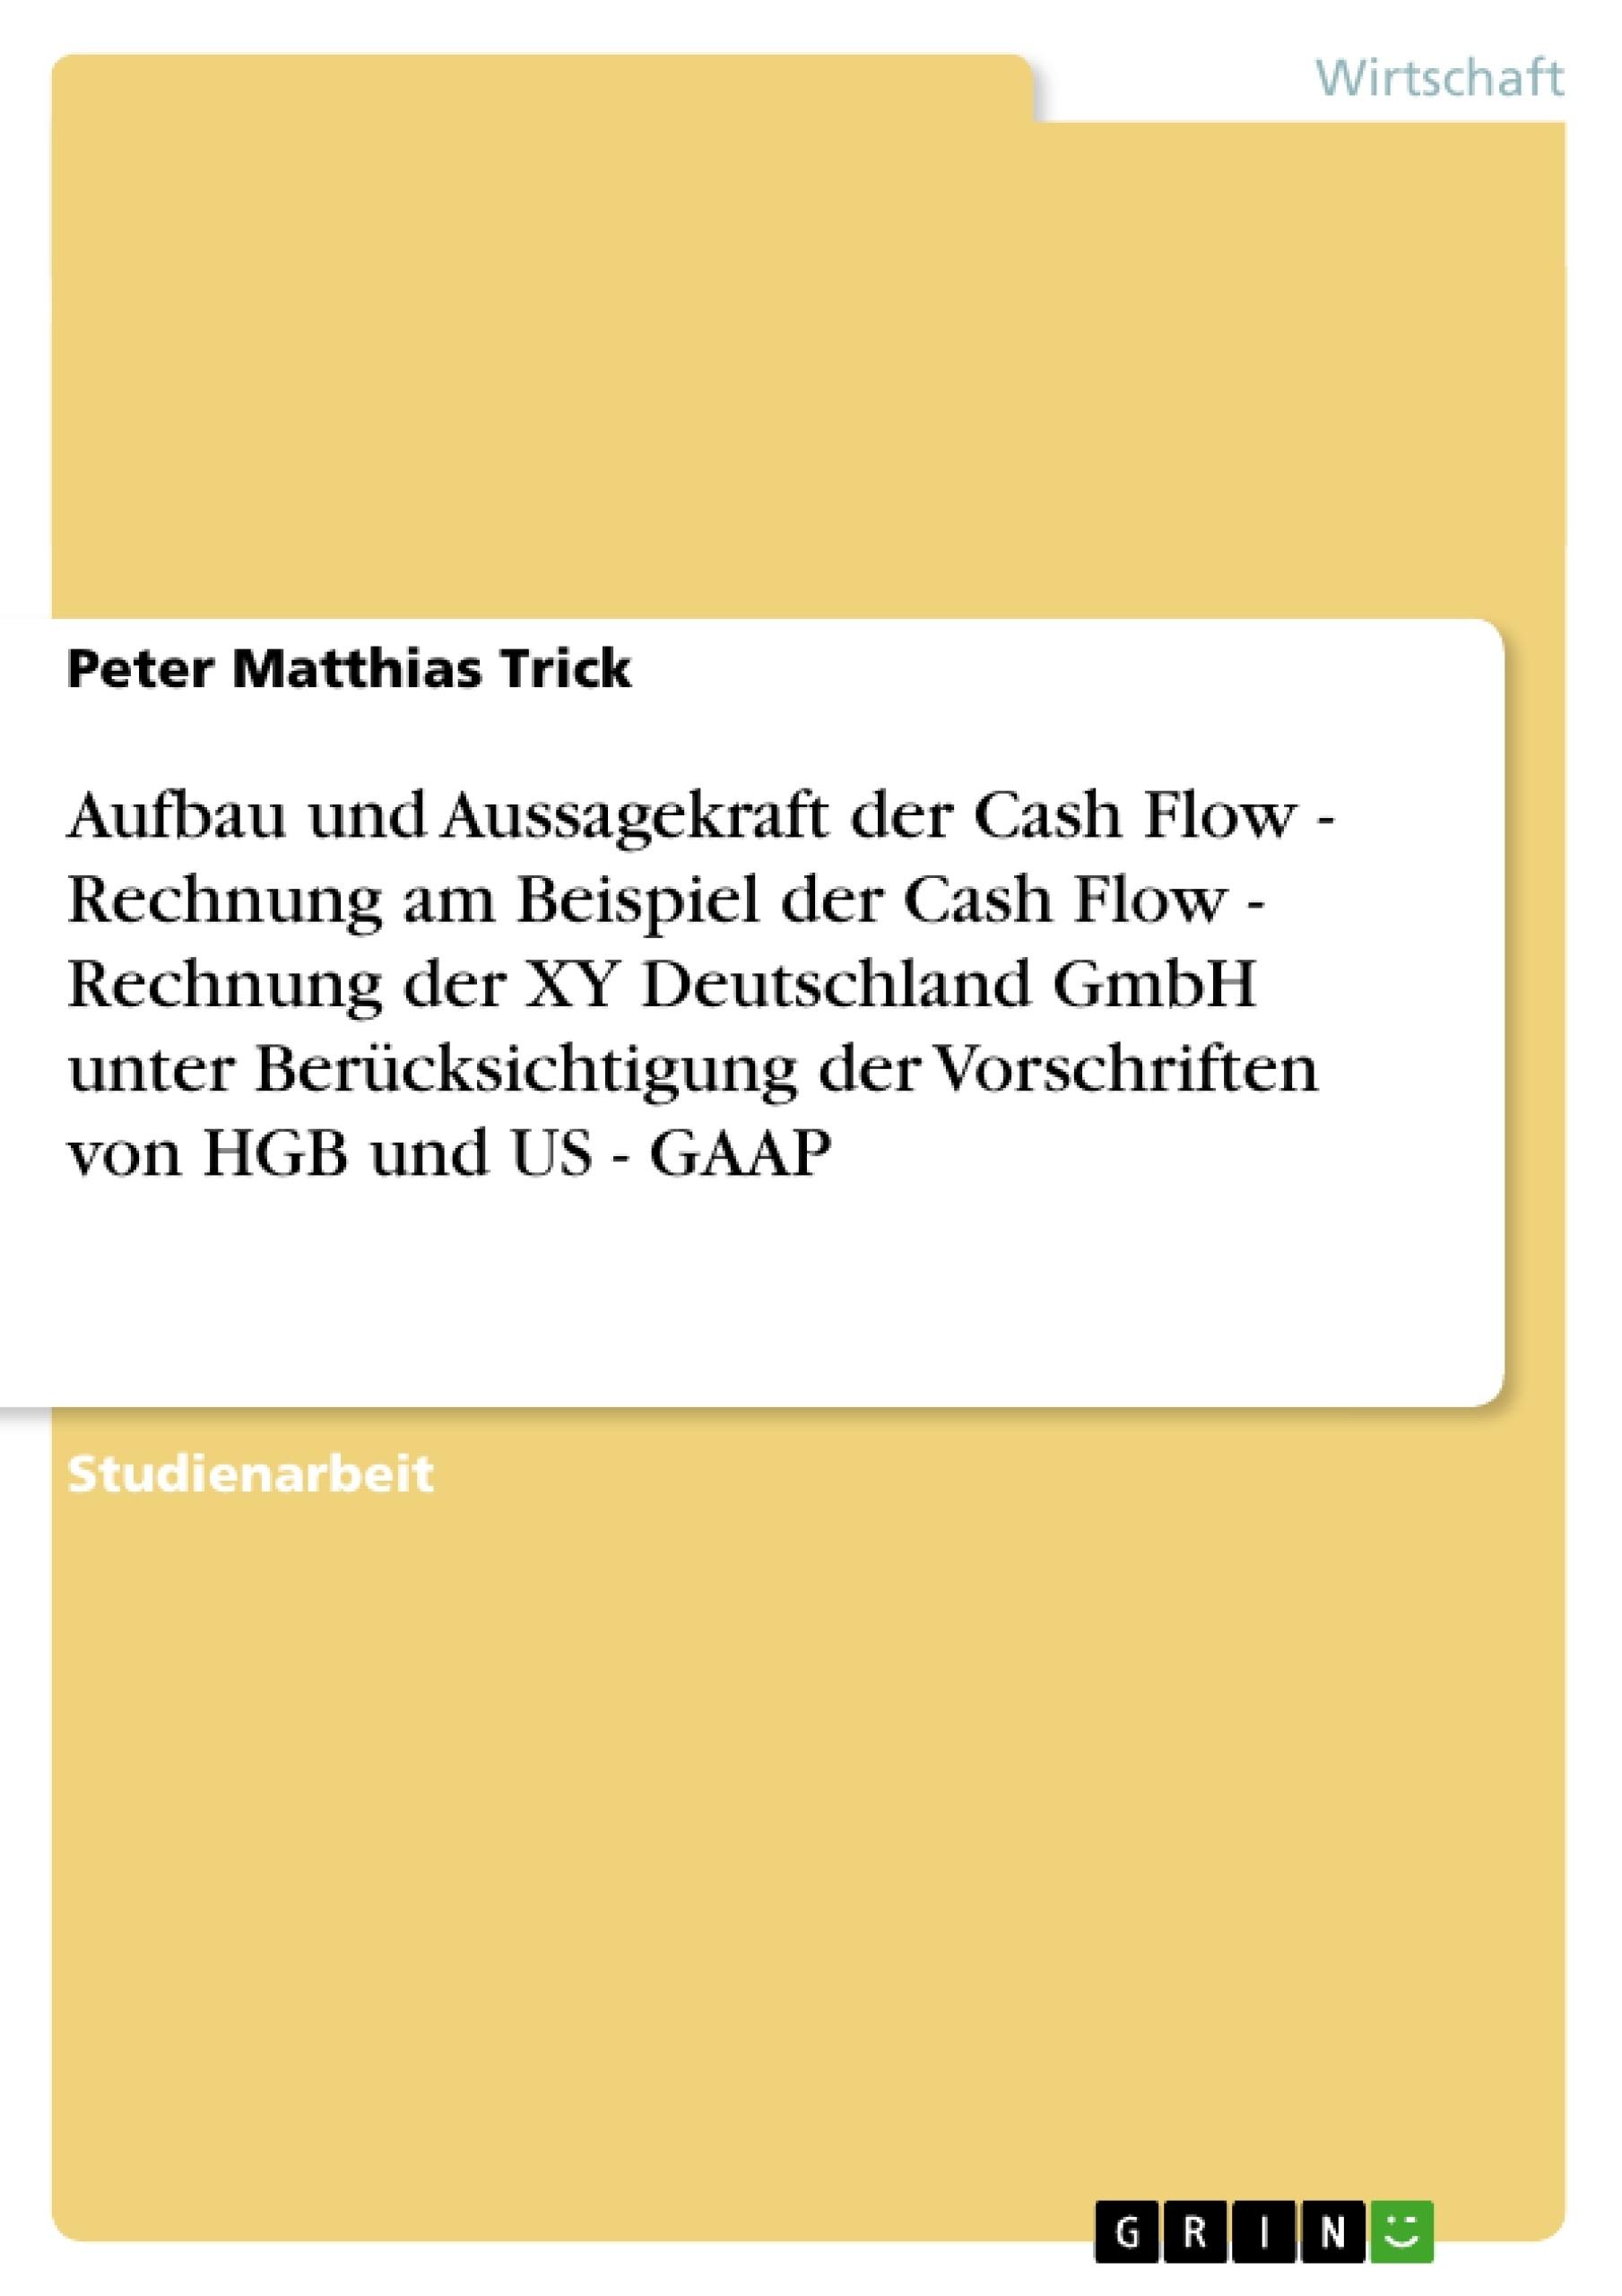 Titel: Aufbau und Aussagekraft der Cash Flow - Rechnung am Beispiel der Cash Flow - Rechnung der XY Deutschland GmbH unter Berücksichtigung der Vorschriften von HGB und US - GAAP